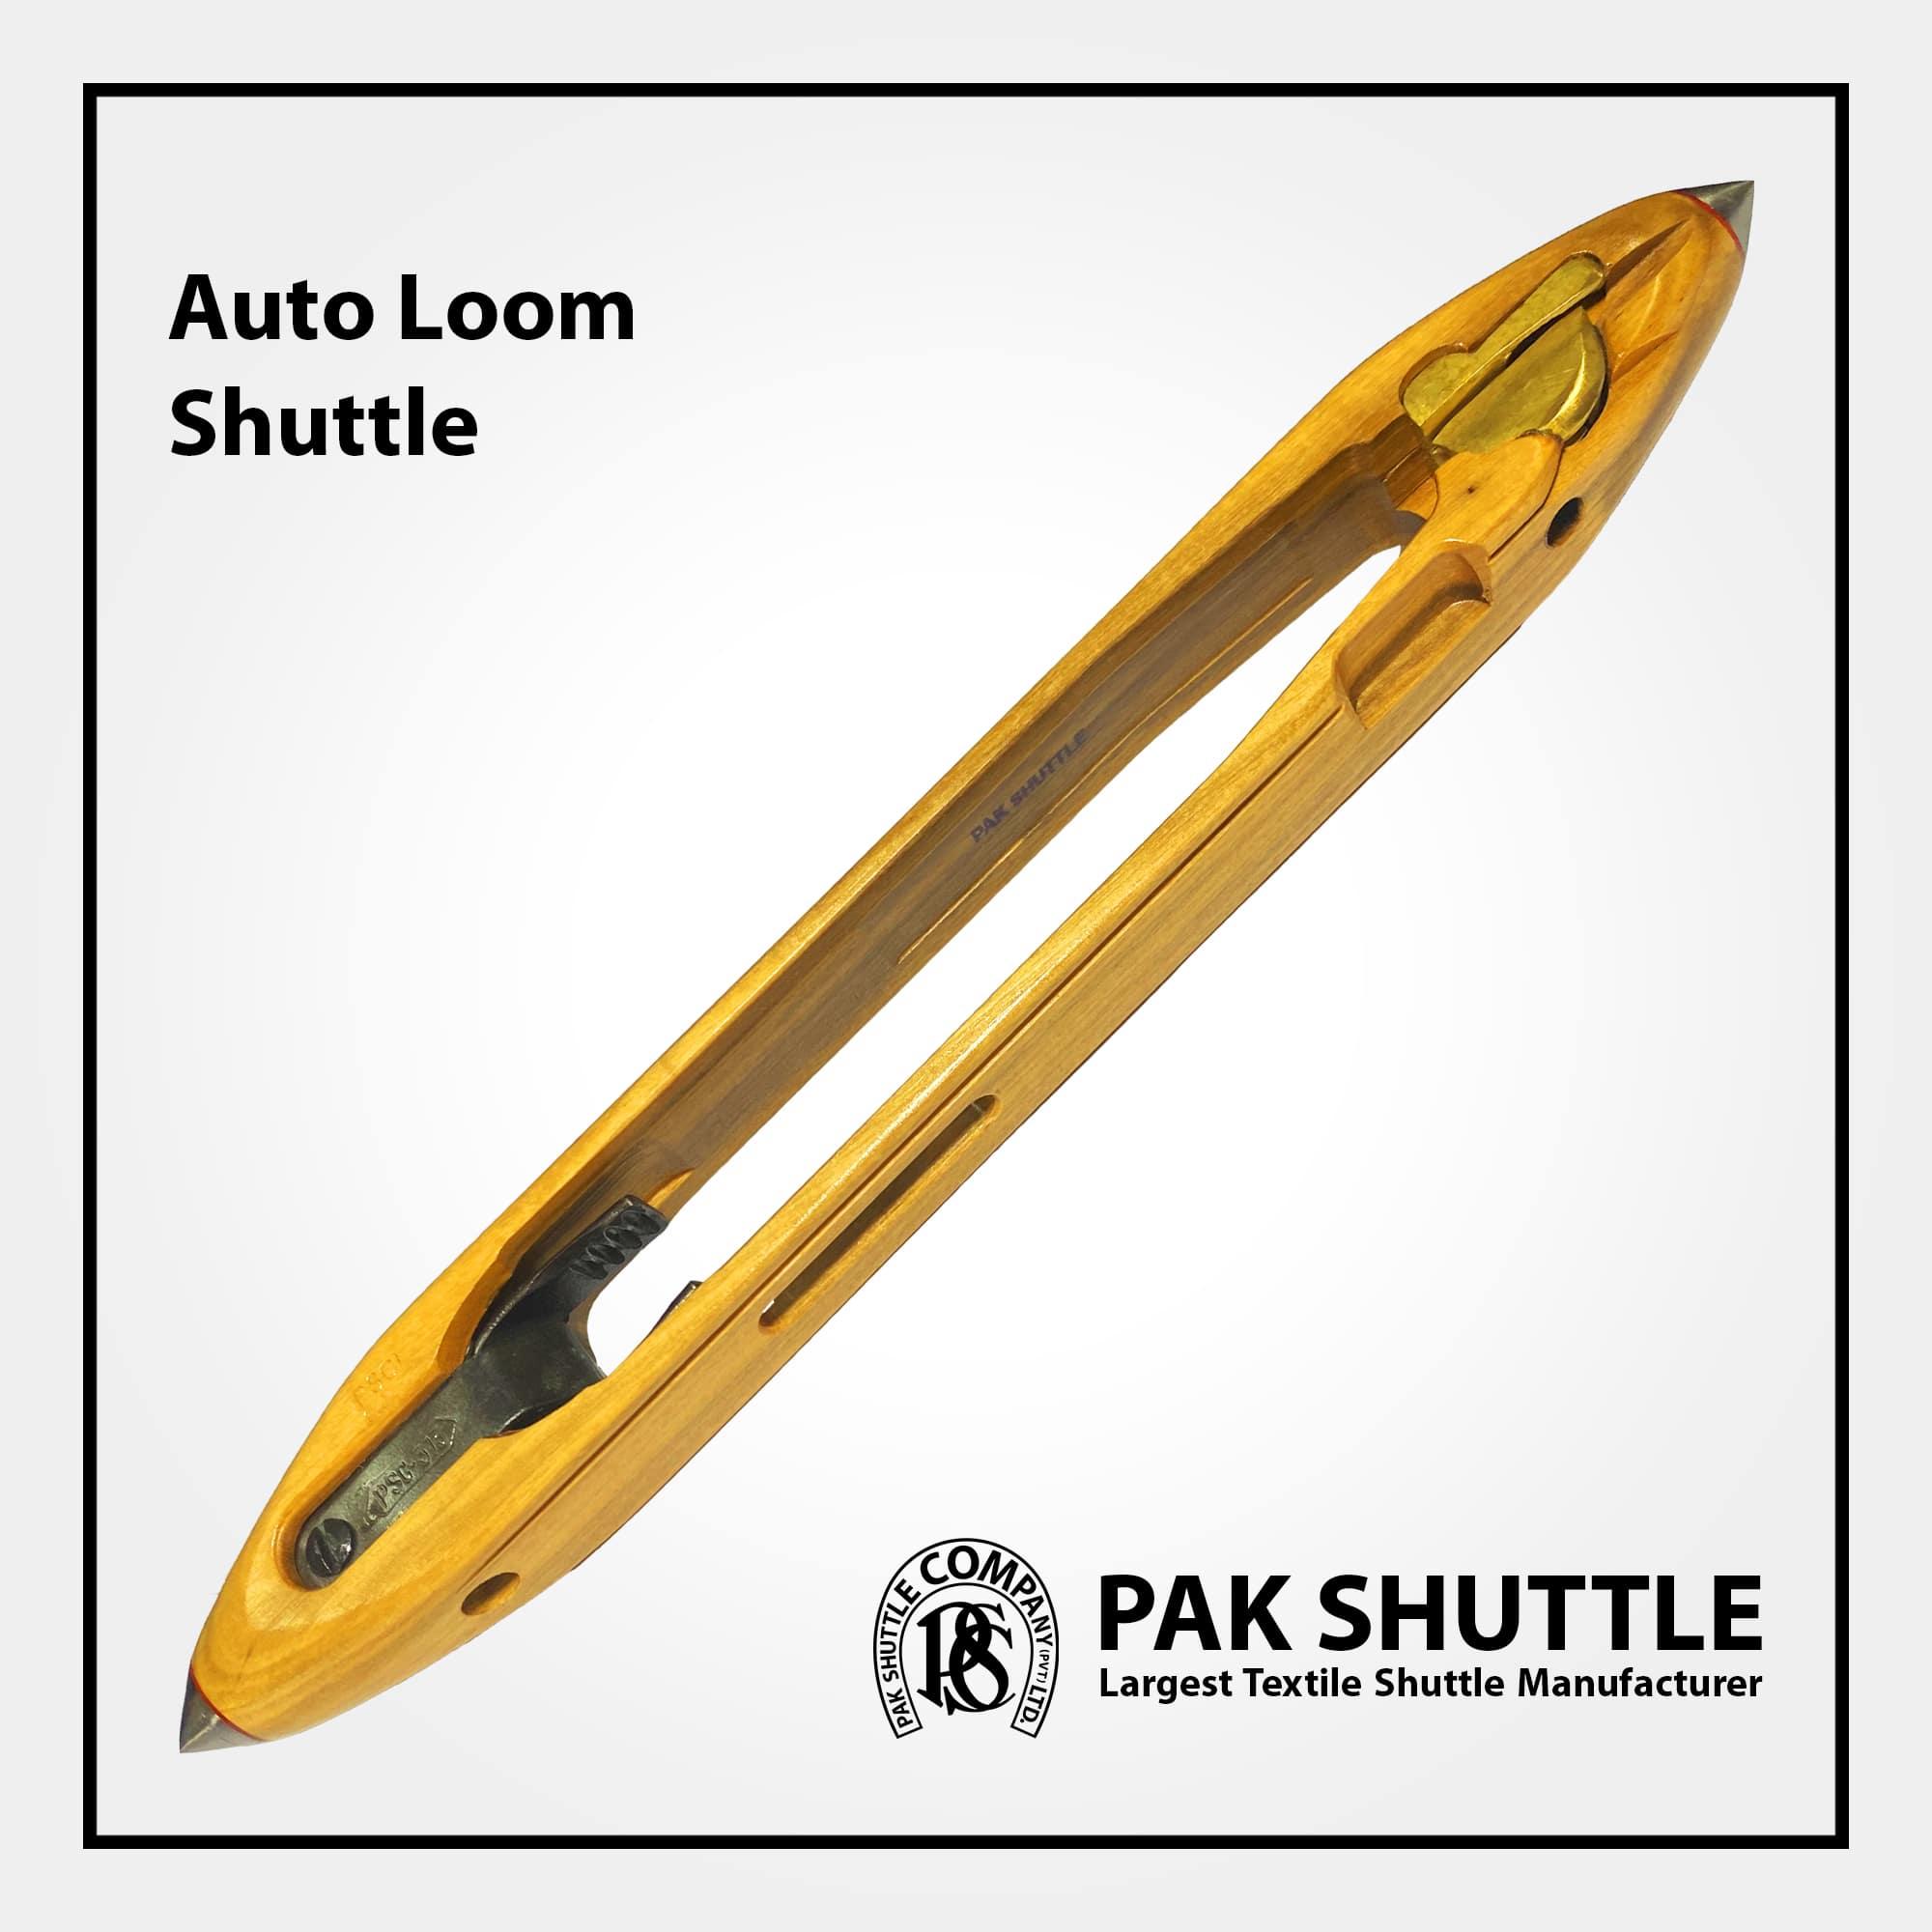 Auto Loom Shuttle by Pak Shuttle Company Pvt Ltd.